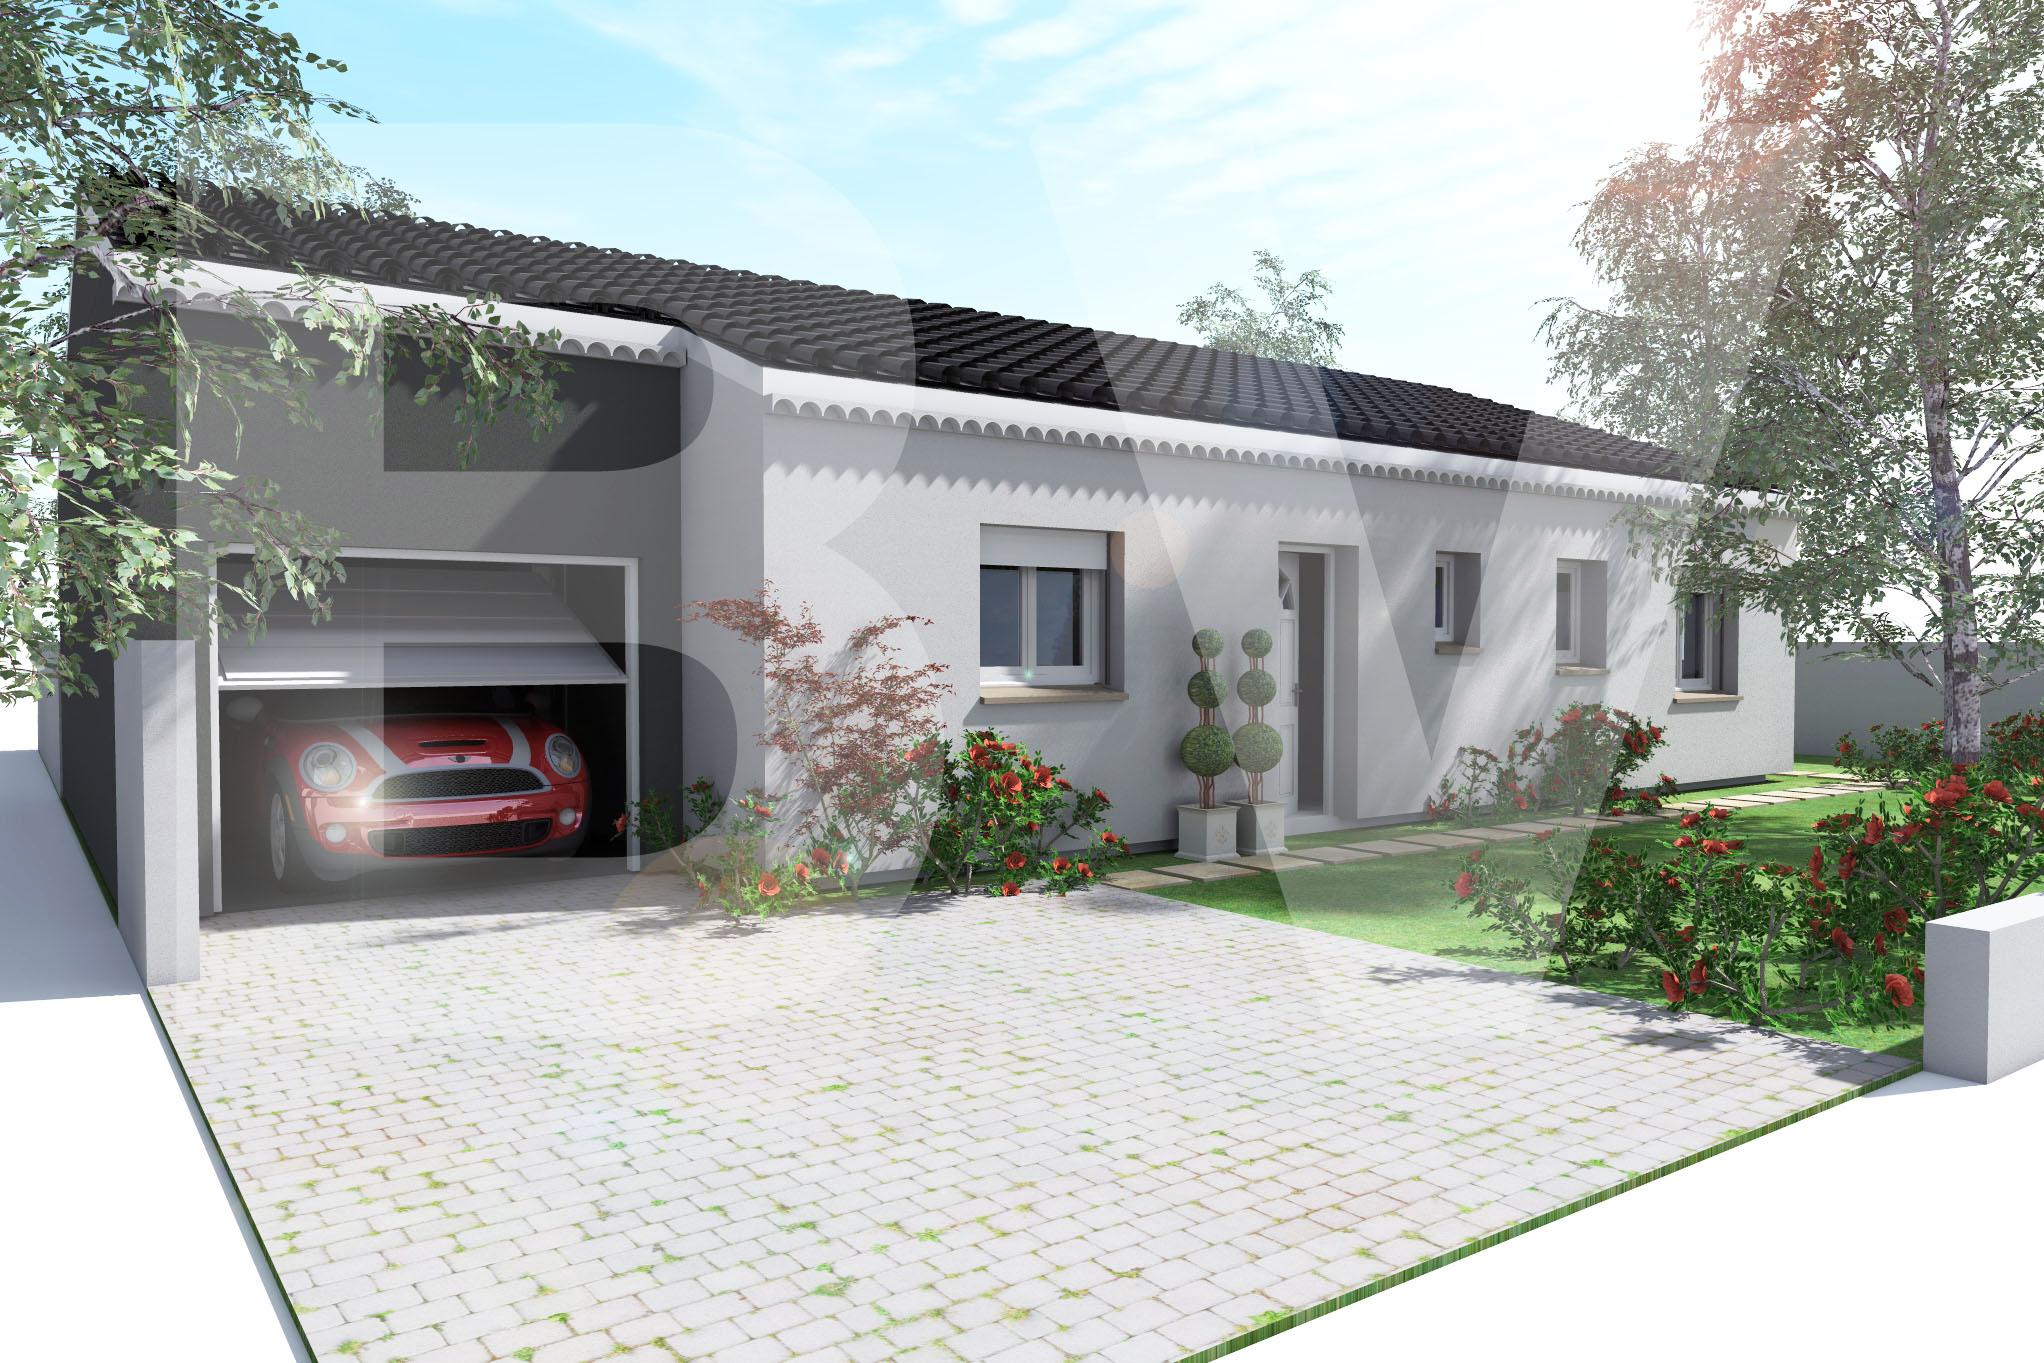 Maisons + Terrains du constructeur BATIVILLA SARL A&K • 91 m² • SAINT DONAT SUR L'HERBASSE